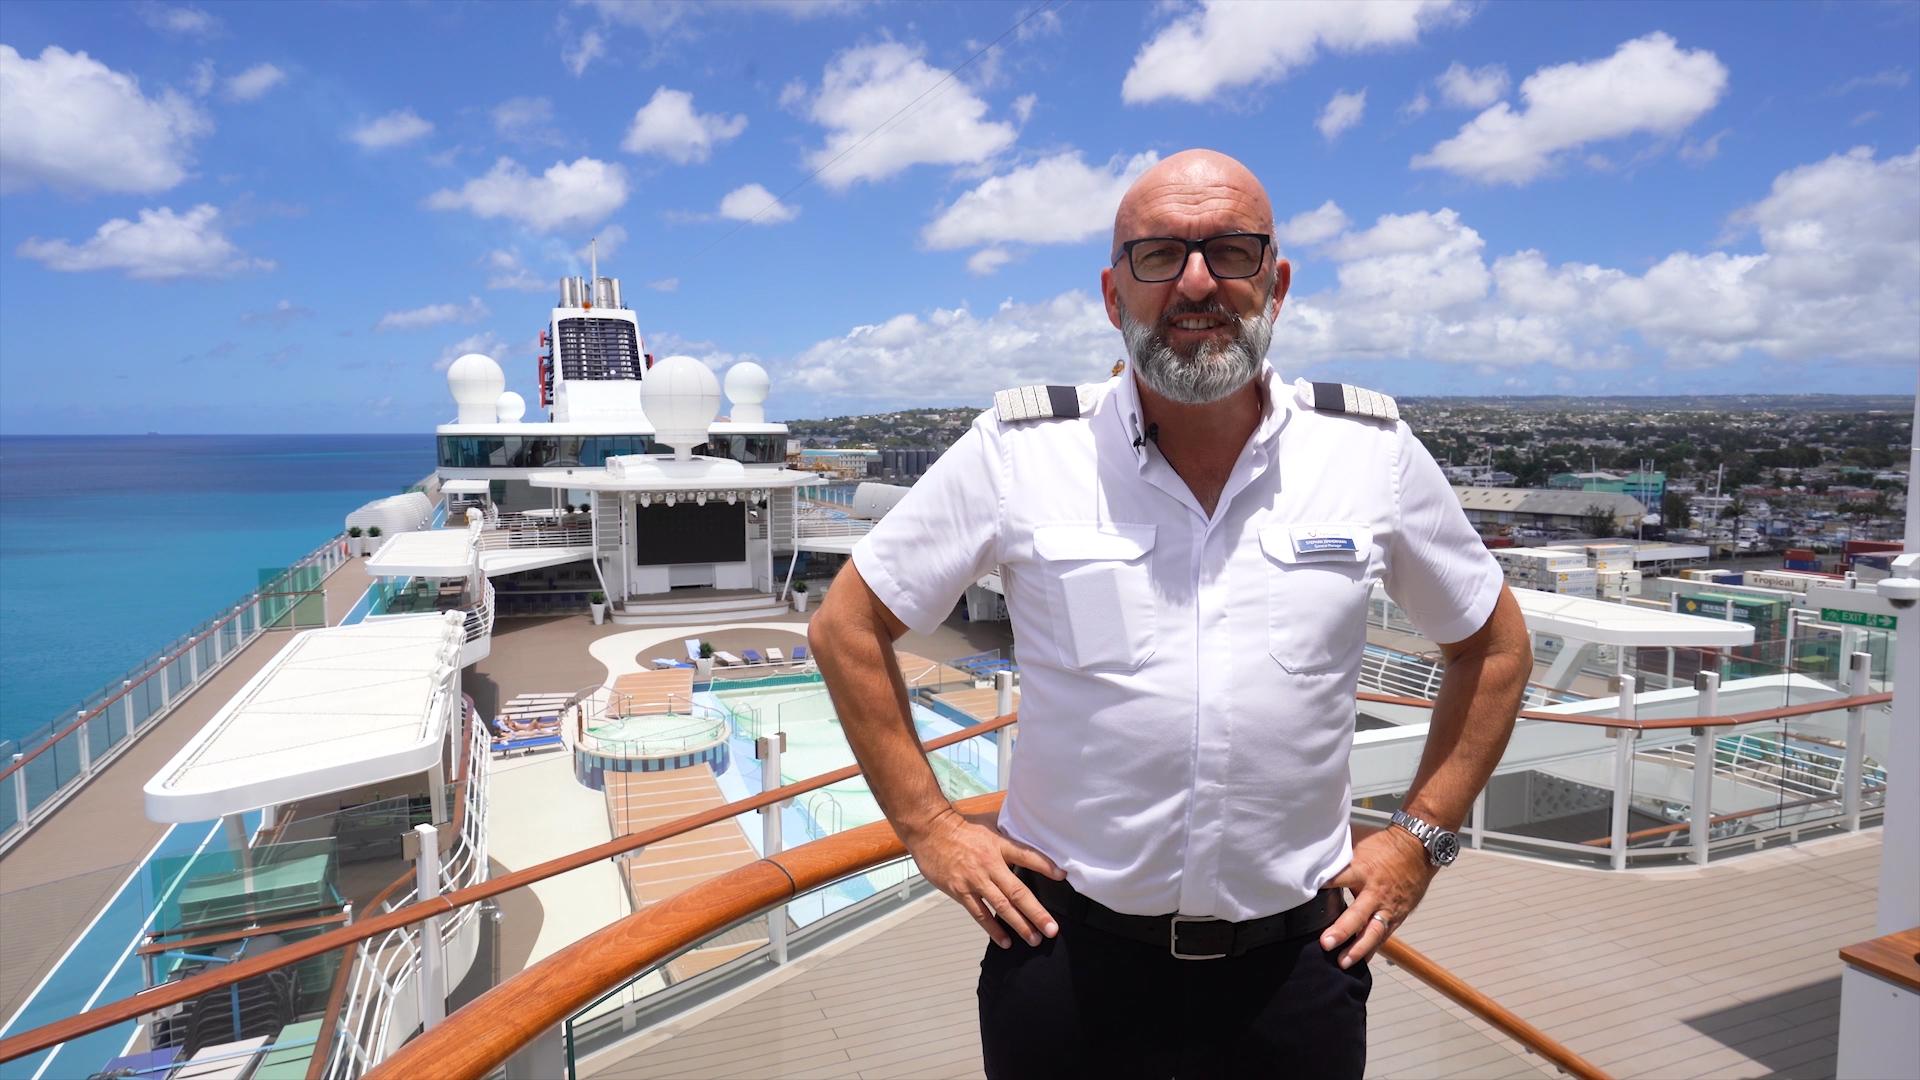 Einblicke in das Bordleben auf der Mein Schiff 2 – Vom Alltag in außergewöhnlichen Zeiten